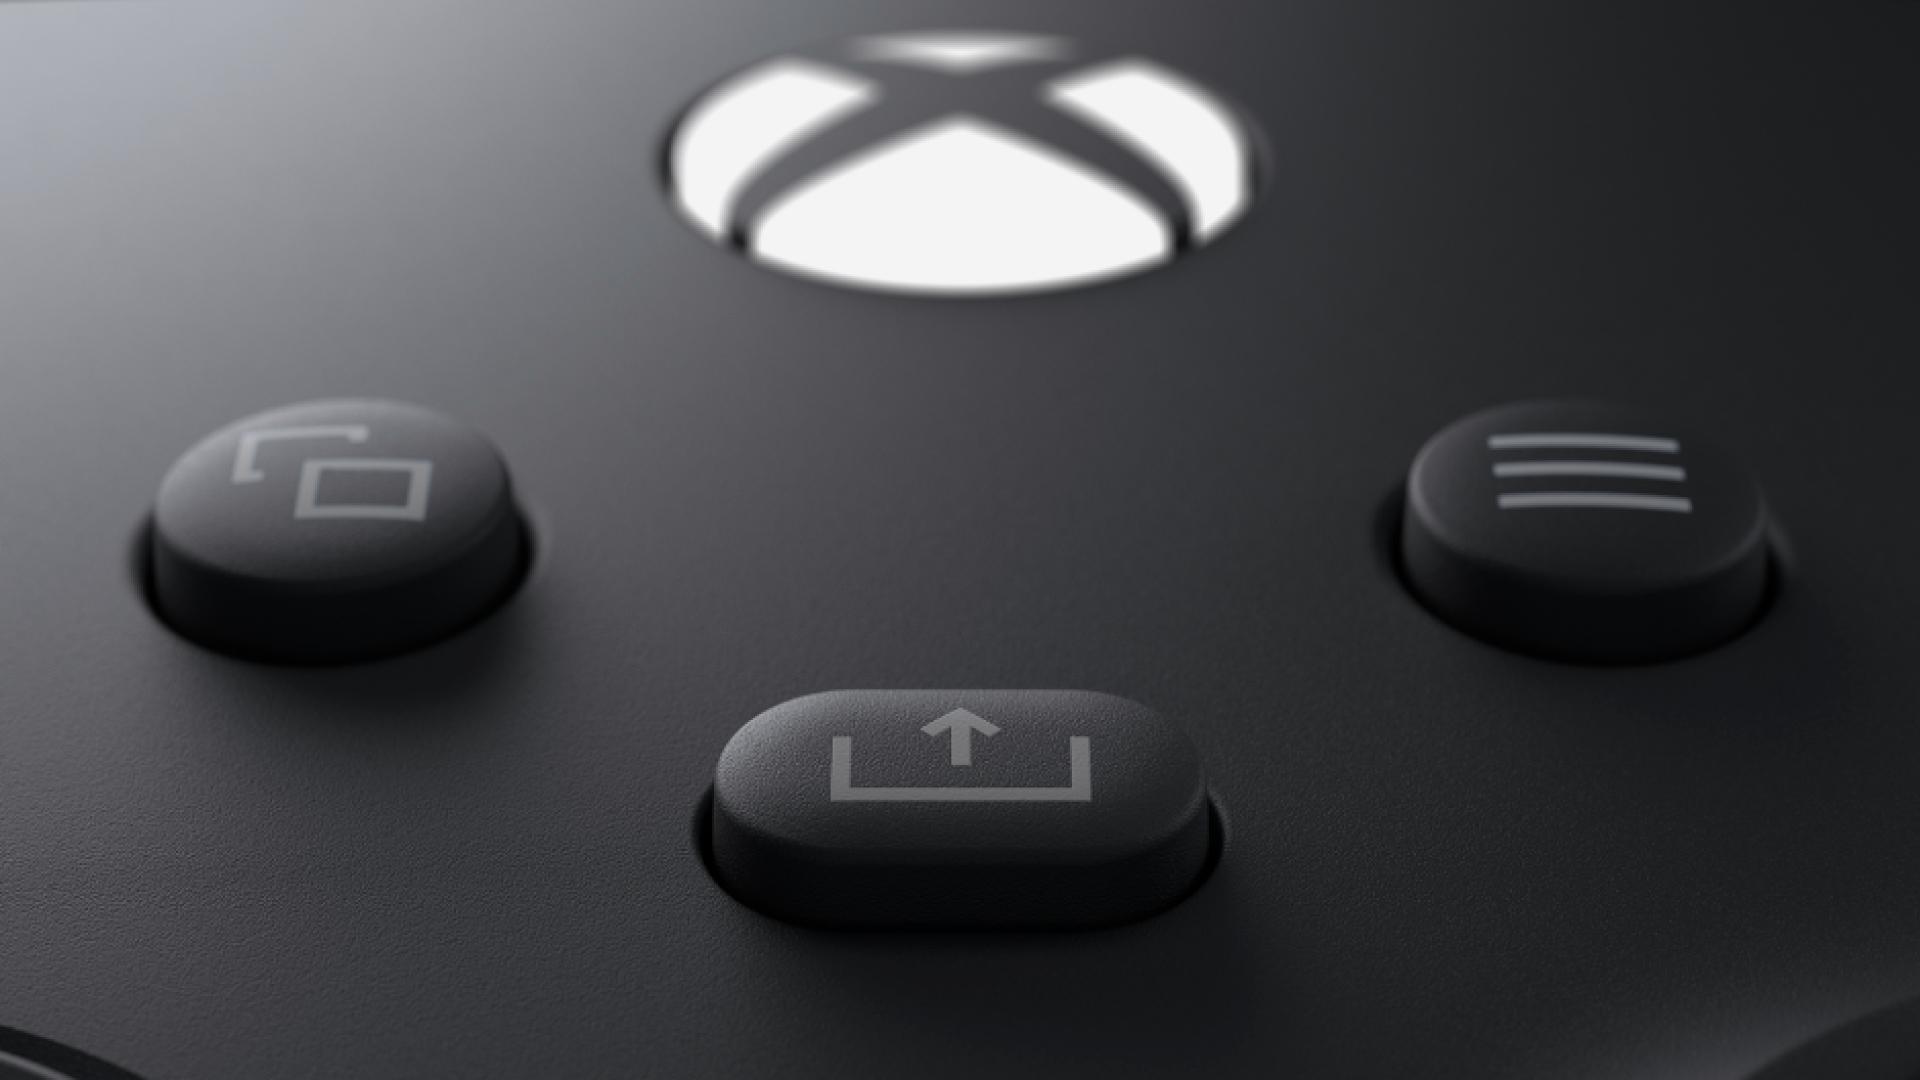 4 Générations De Jeux, C'est Ainsi Que Microsoft Vend Sa